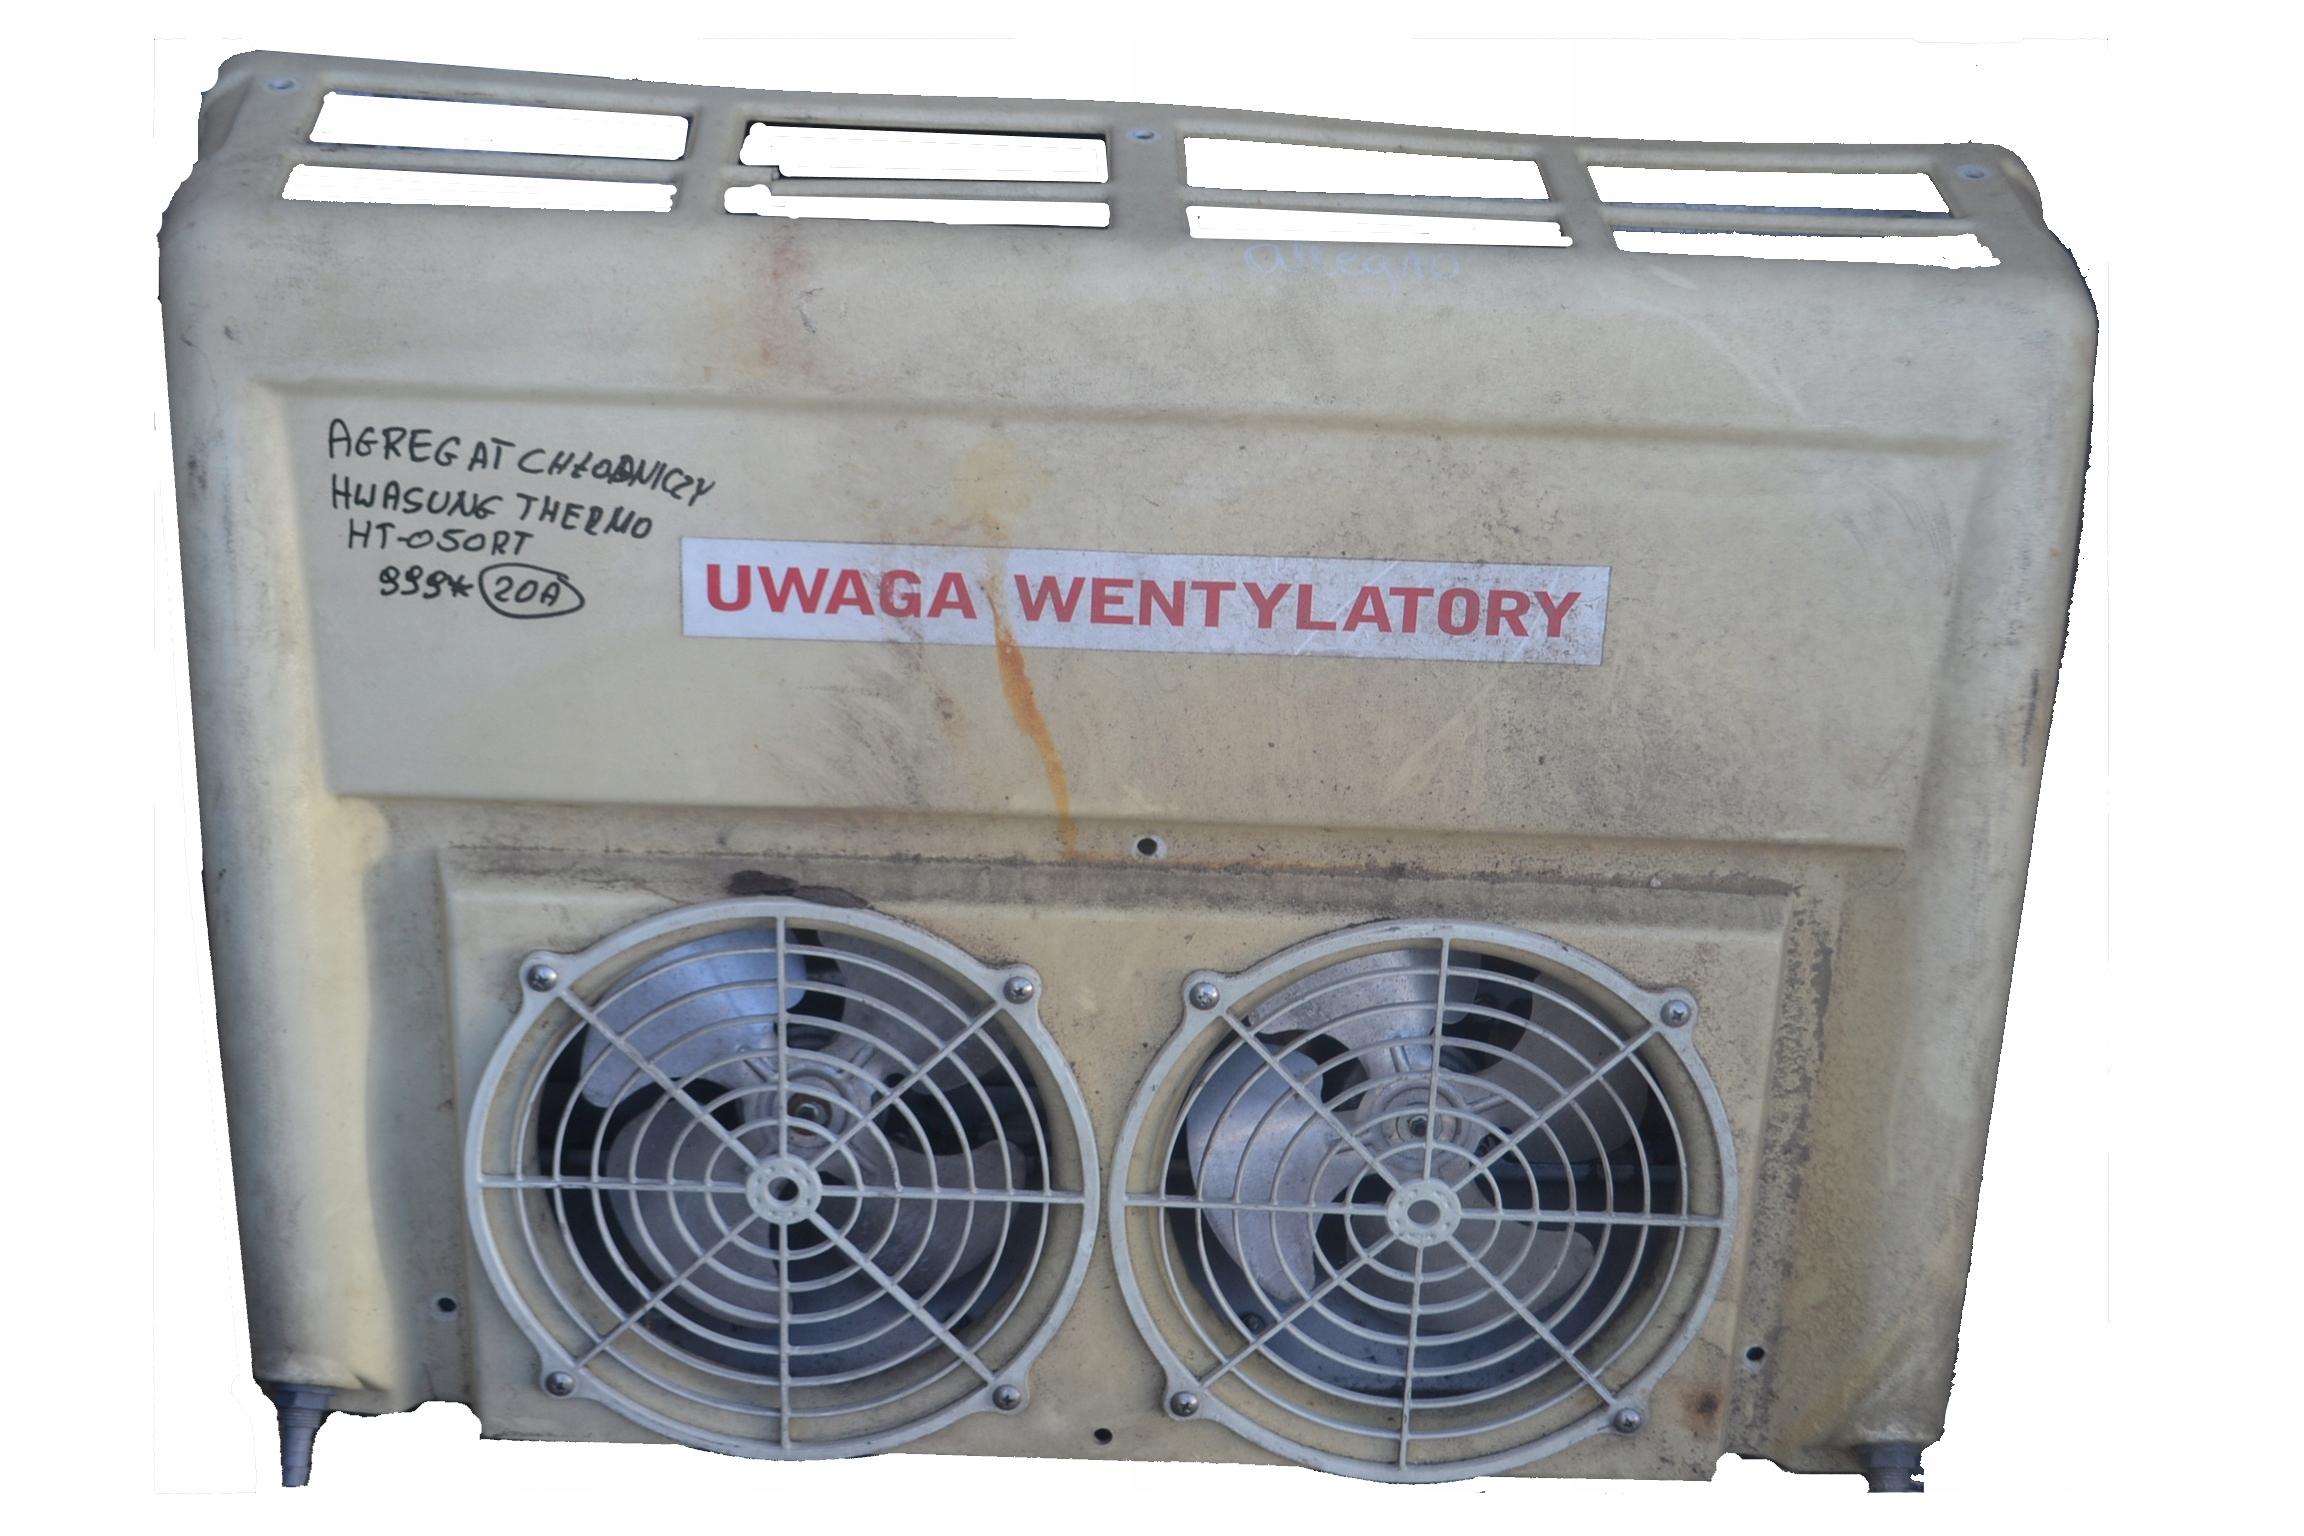 приводимый в действие для радиаторов hwasung термо ht-050rt